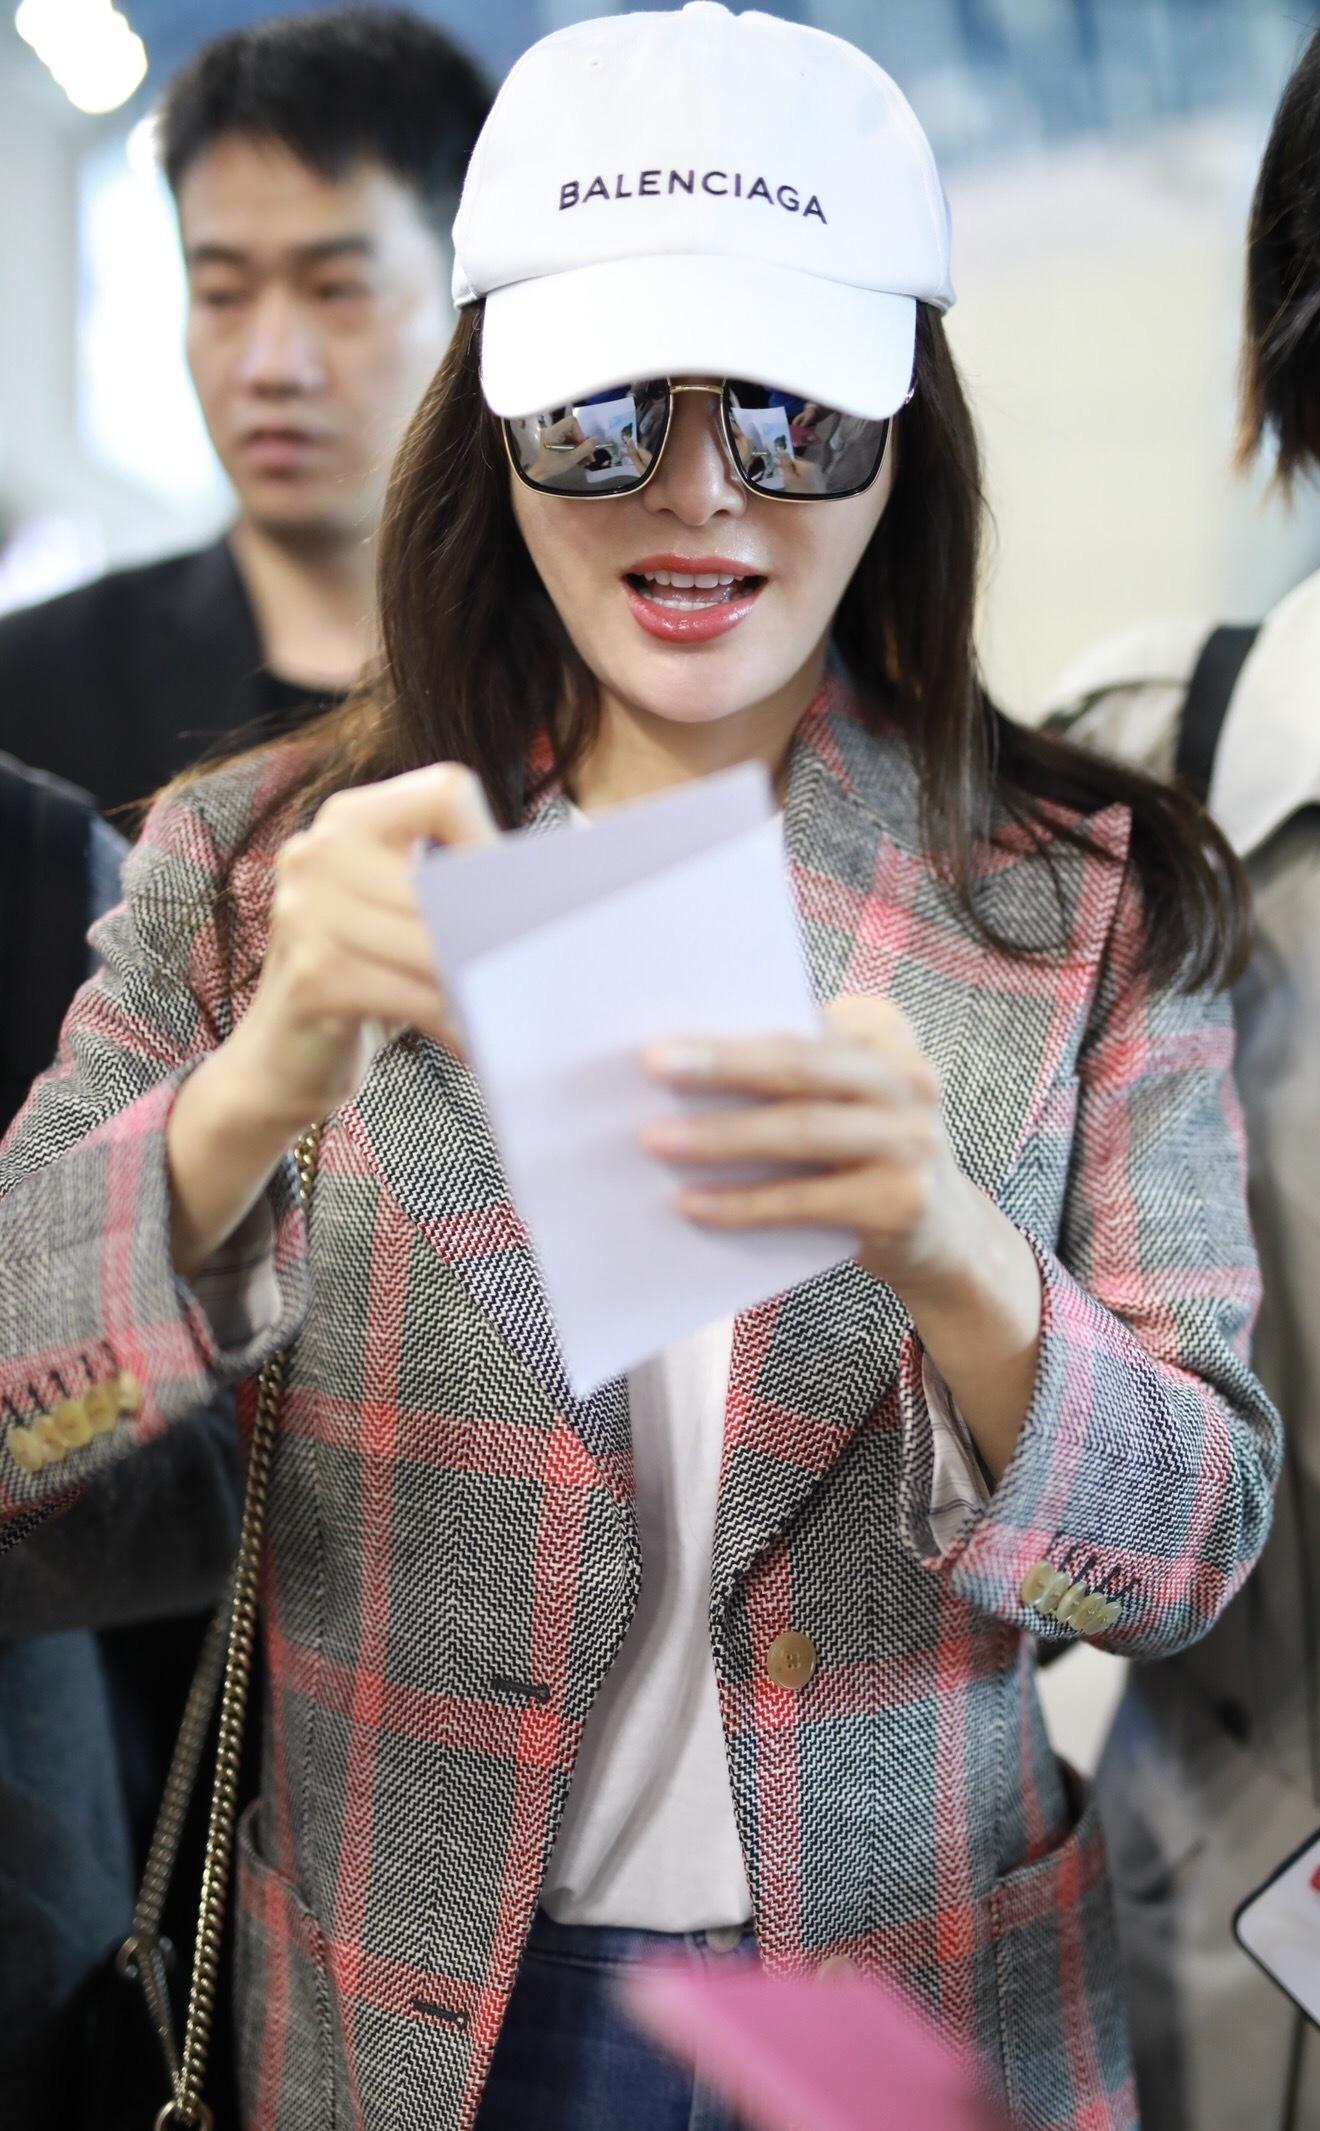 秦嵐粉灰拼色外套甜美吸睛 暖心給粉絲簽名溫柔甜笑